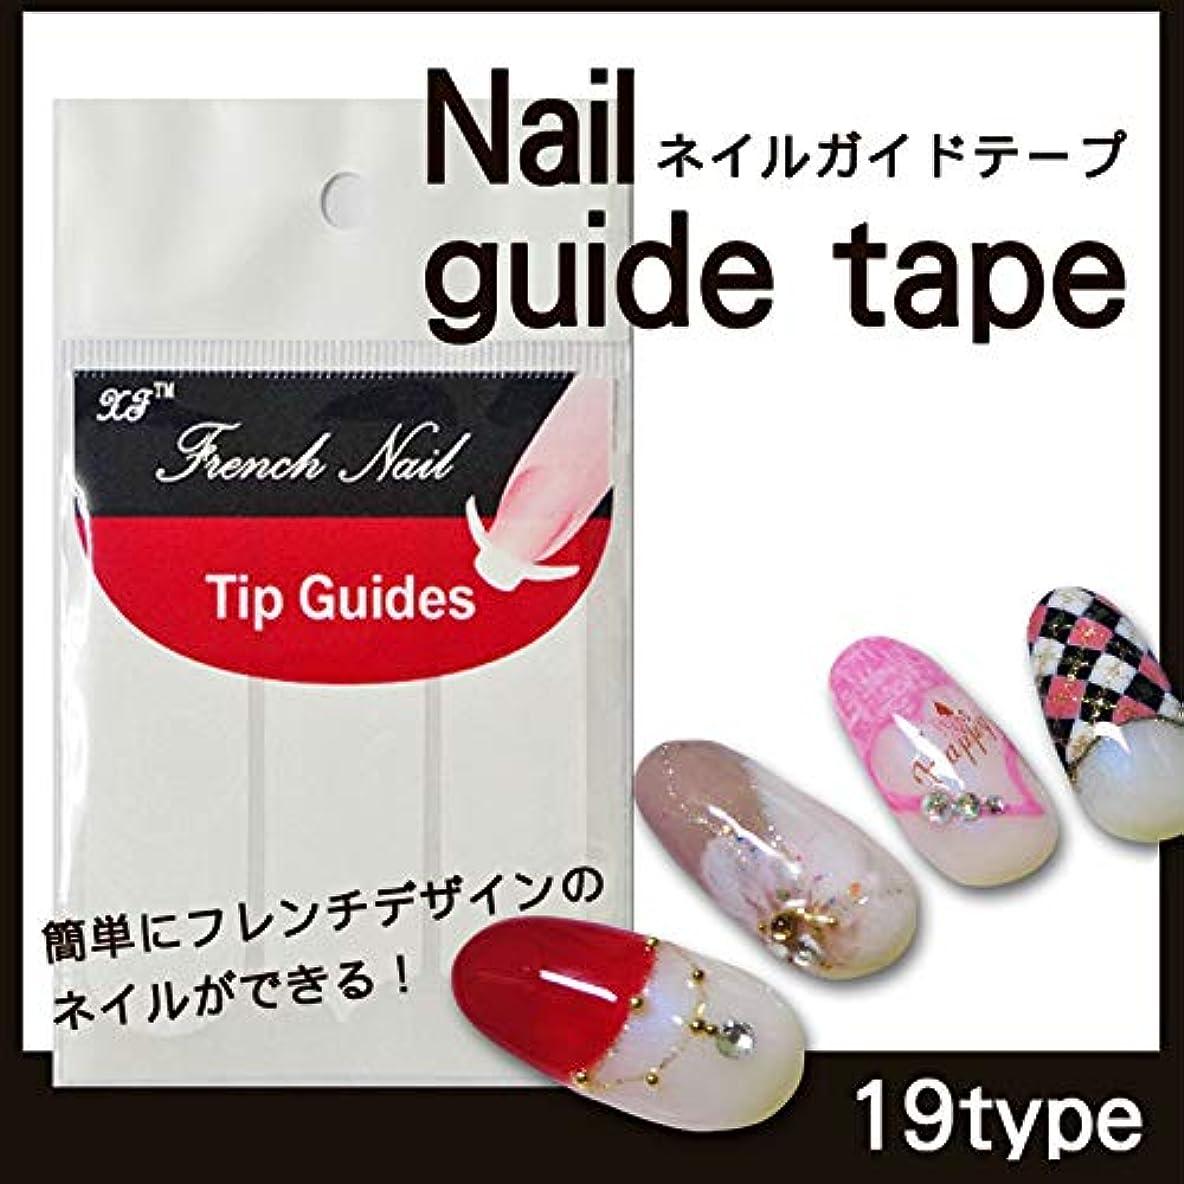 ネイル用 ガイドテープ (ガイドテープ【13】)